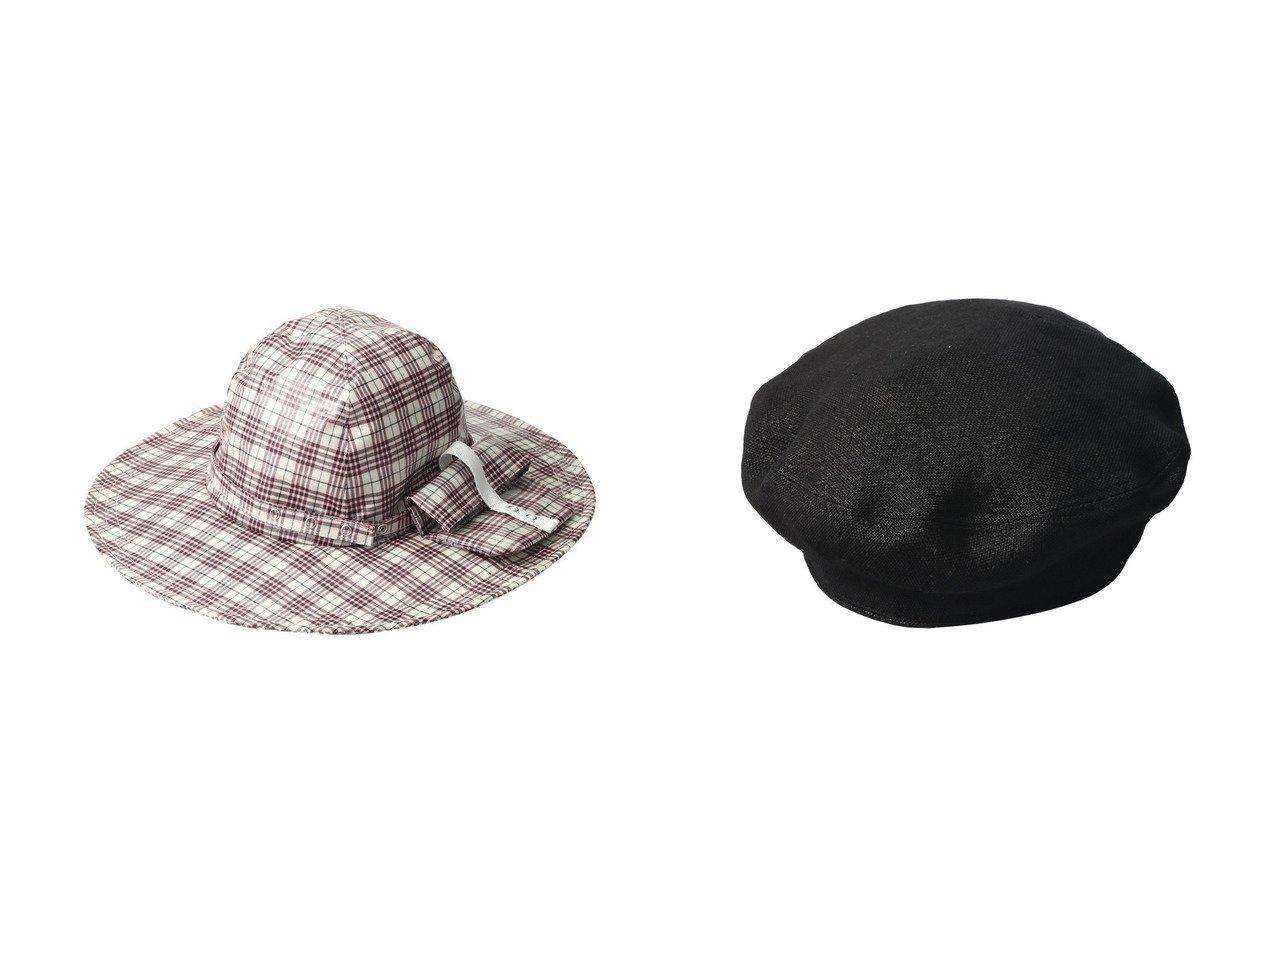 【MAISON SPECIAL/メゾンスペシャル】の【La Maison de Lyllis】LINEN STONCH ベレー帽&【La Maison de Lyllis】DROW ハット メゾンスペシャルのおすすめ!人気、トレンド・レディースファッションの通販  おすすめで人気の流行・トレンド、ファッションの通販商品 メンズファッション・キッズファッション・インテリア・家具・レディースファッション・服の通販 founy(ファニー) https://founy.com/ ファッション Fashion レディースファッション WOMEN 2021年 2021 2021 春夏 S/S SS Spring/Summer 2021 S/S 春夏 SS Spring/Summer アウトドア コンパクト チェック ポケット リネン 春 Spring |ID:crp329100000021143